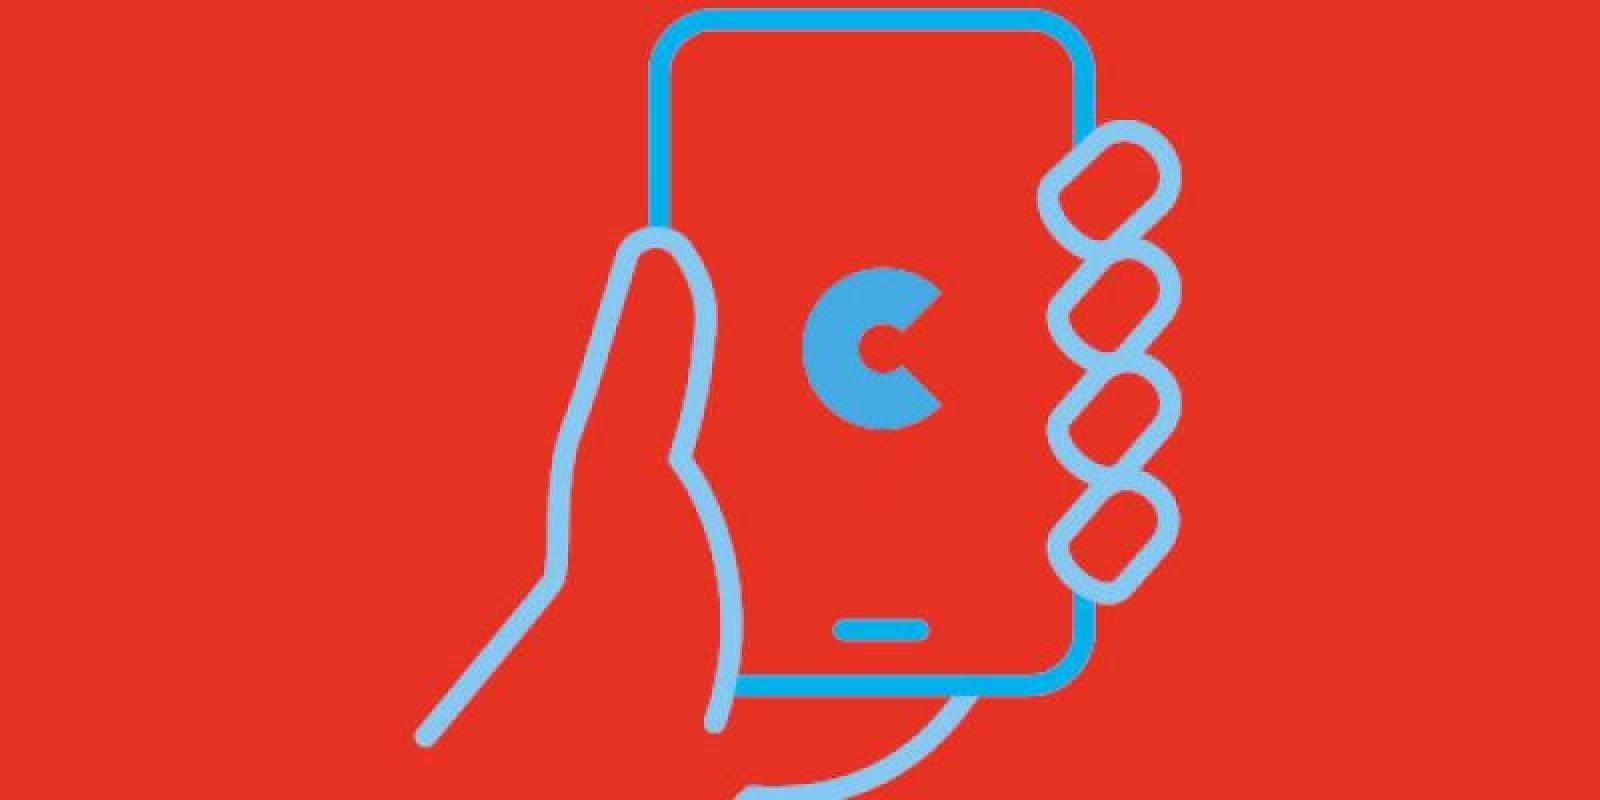 Hand hält Handy mit C auf dem Display